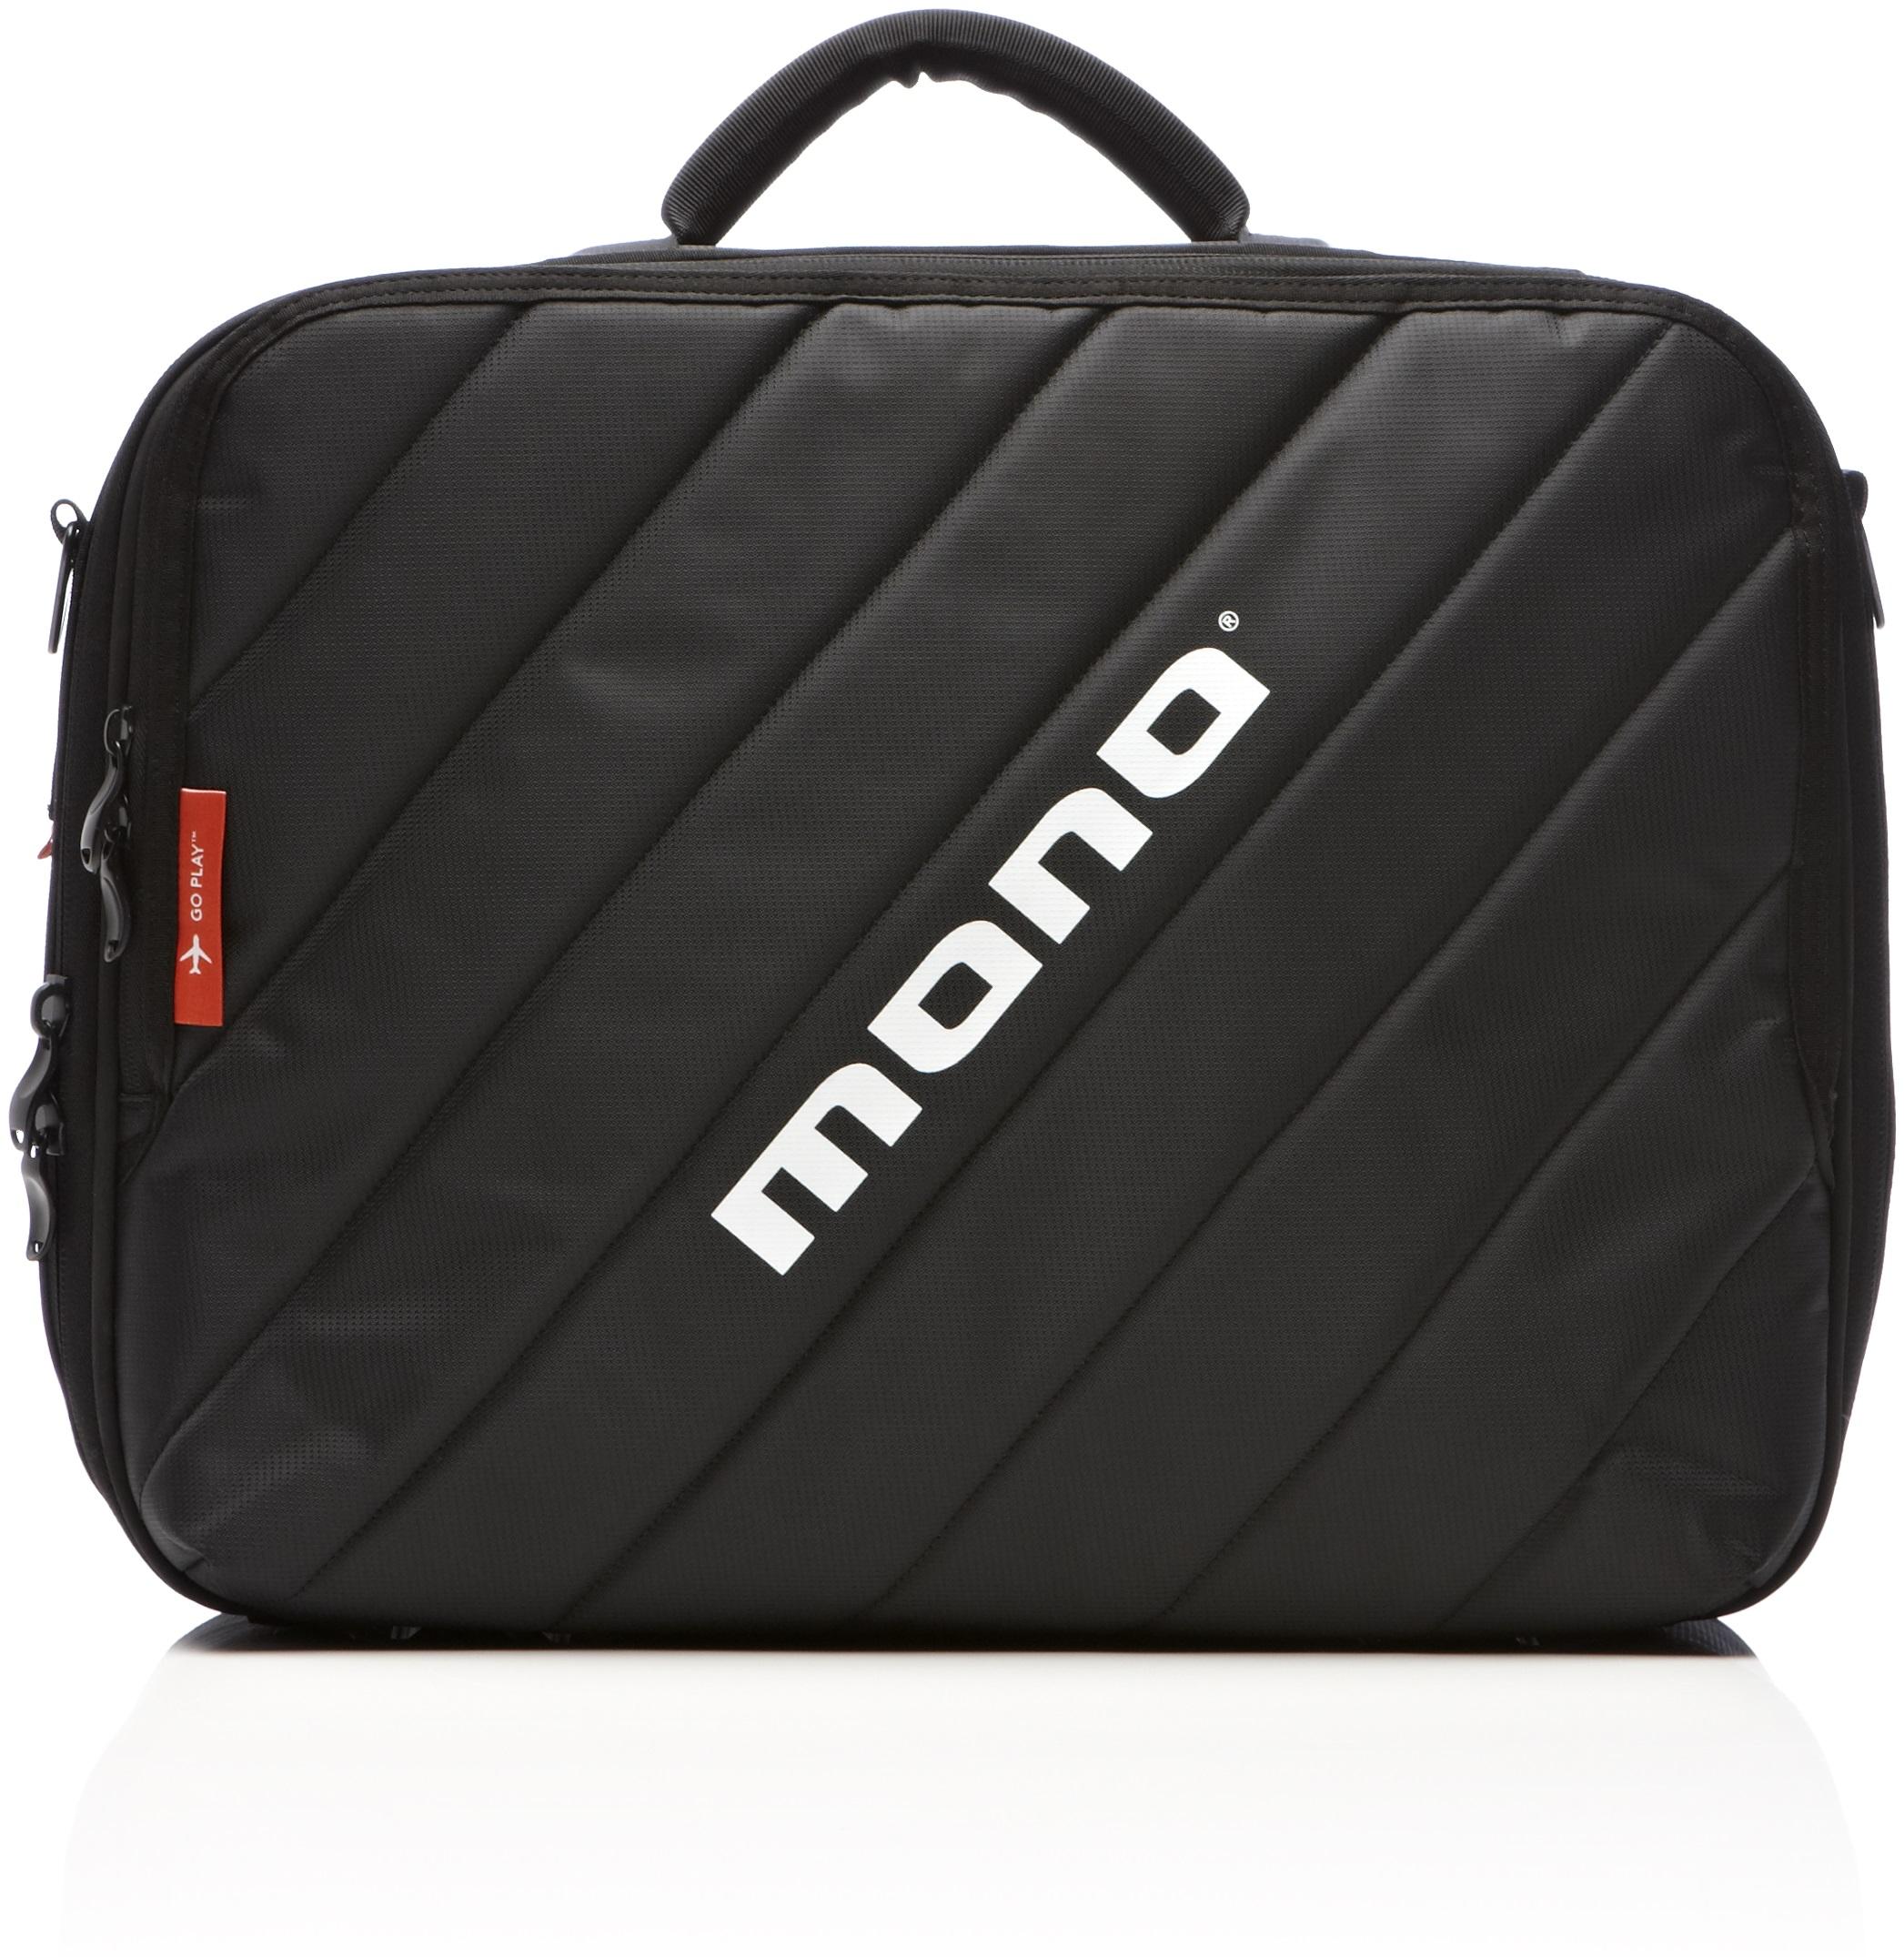 Mono Pedalboard Case CLUB